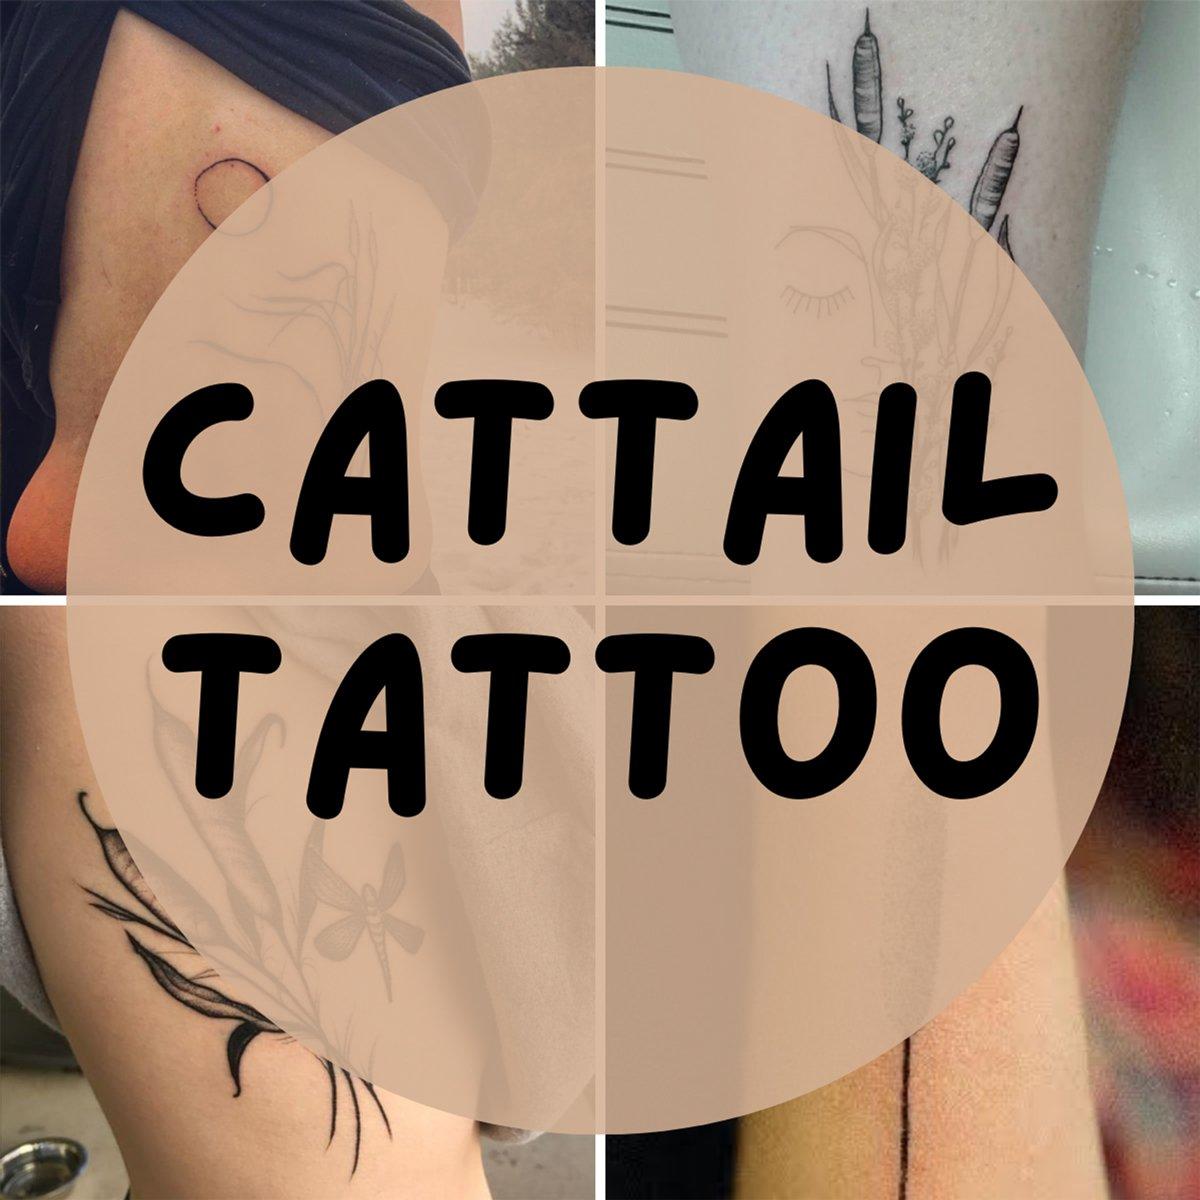 Cattail Tattoo